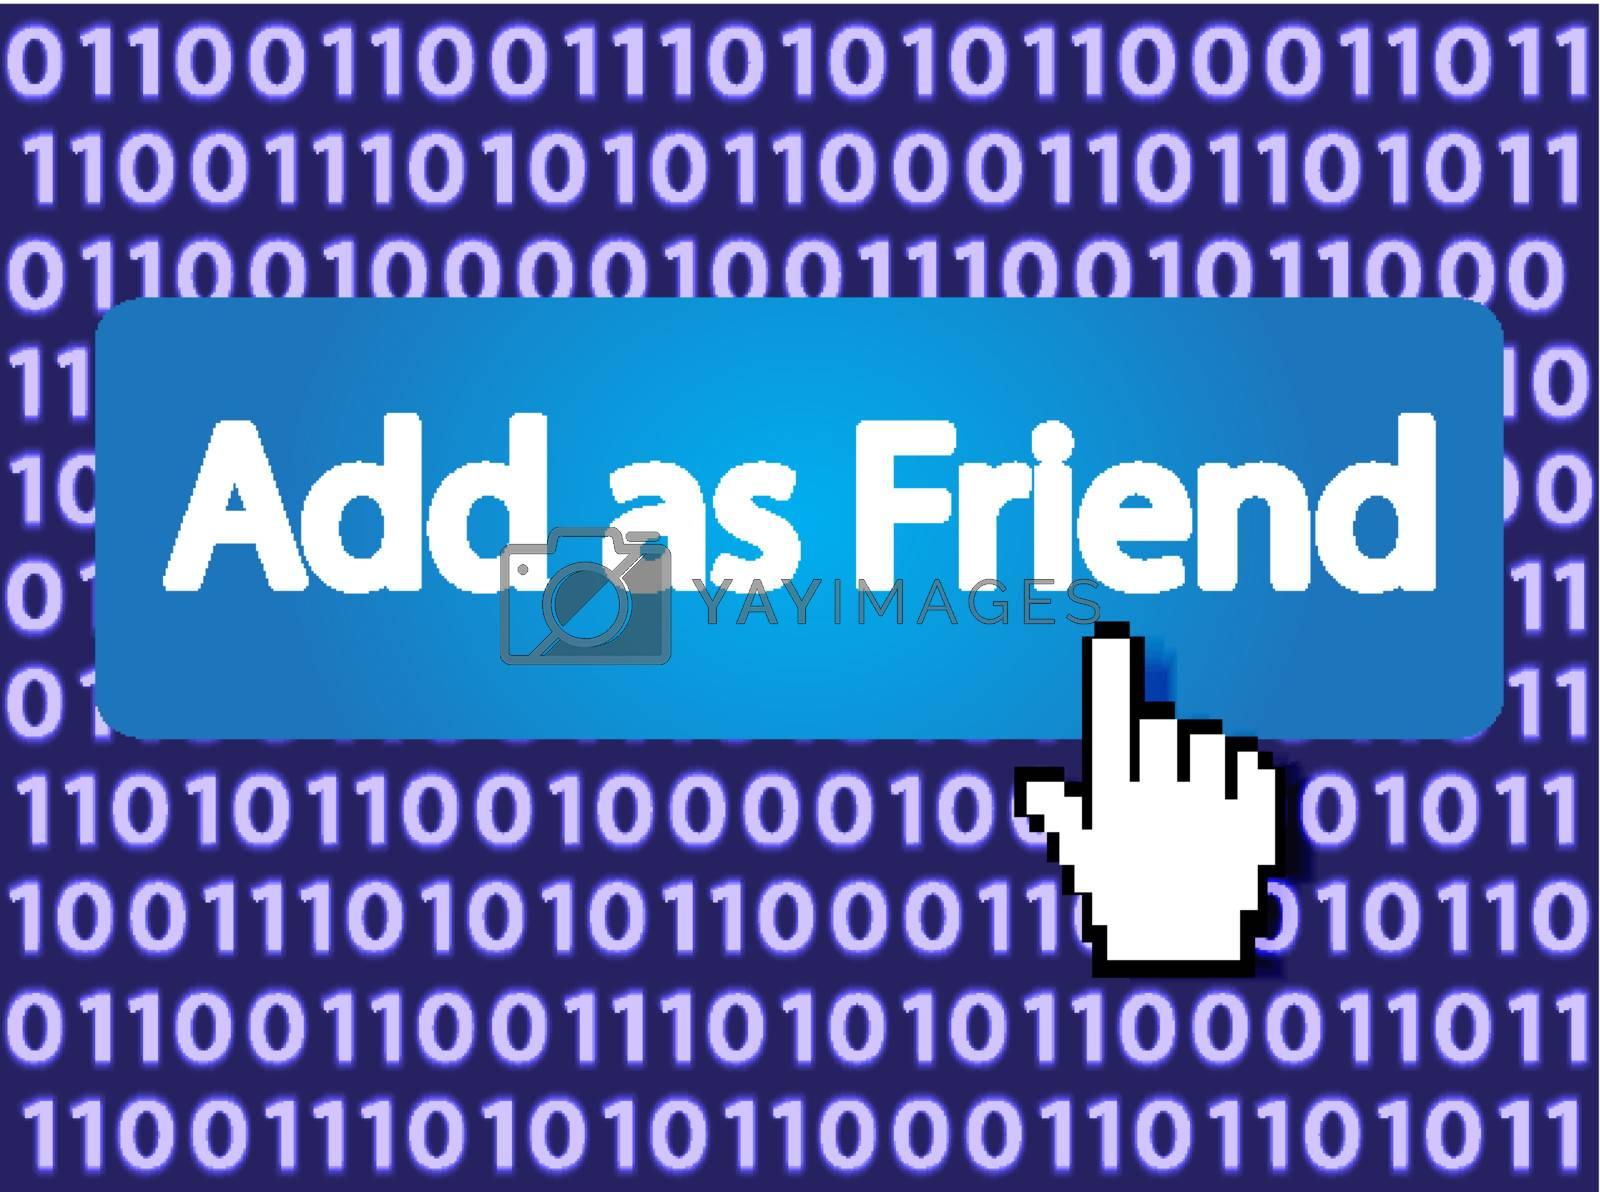 Add as Friend by smoki